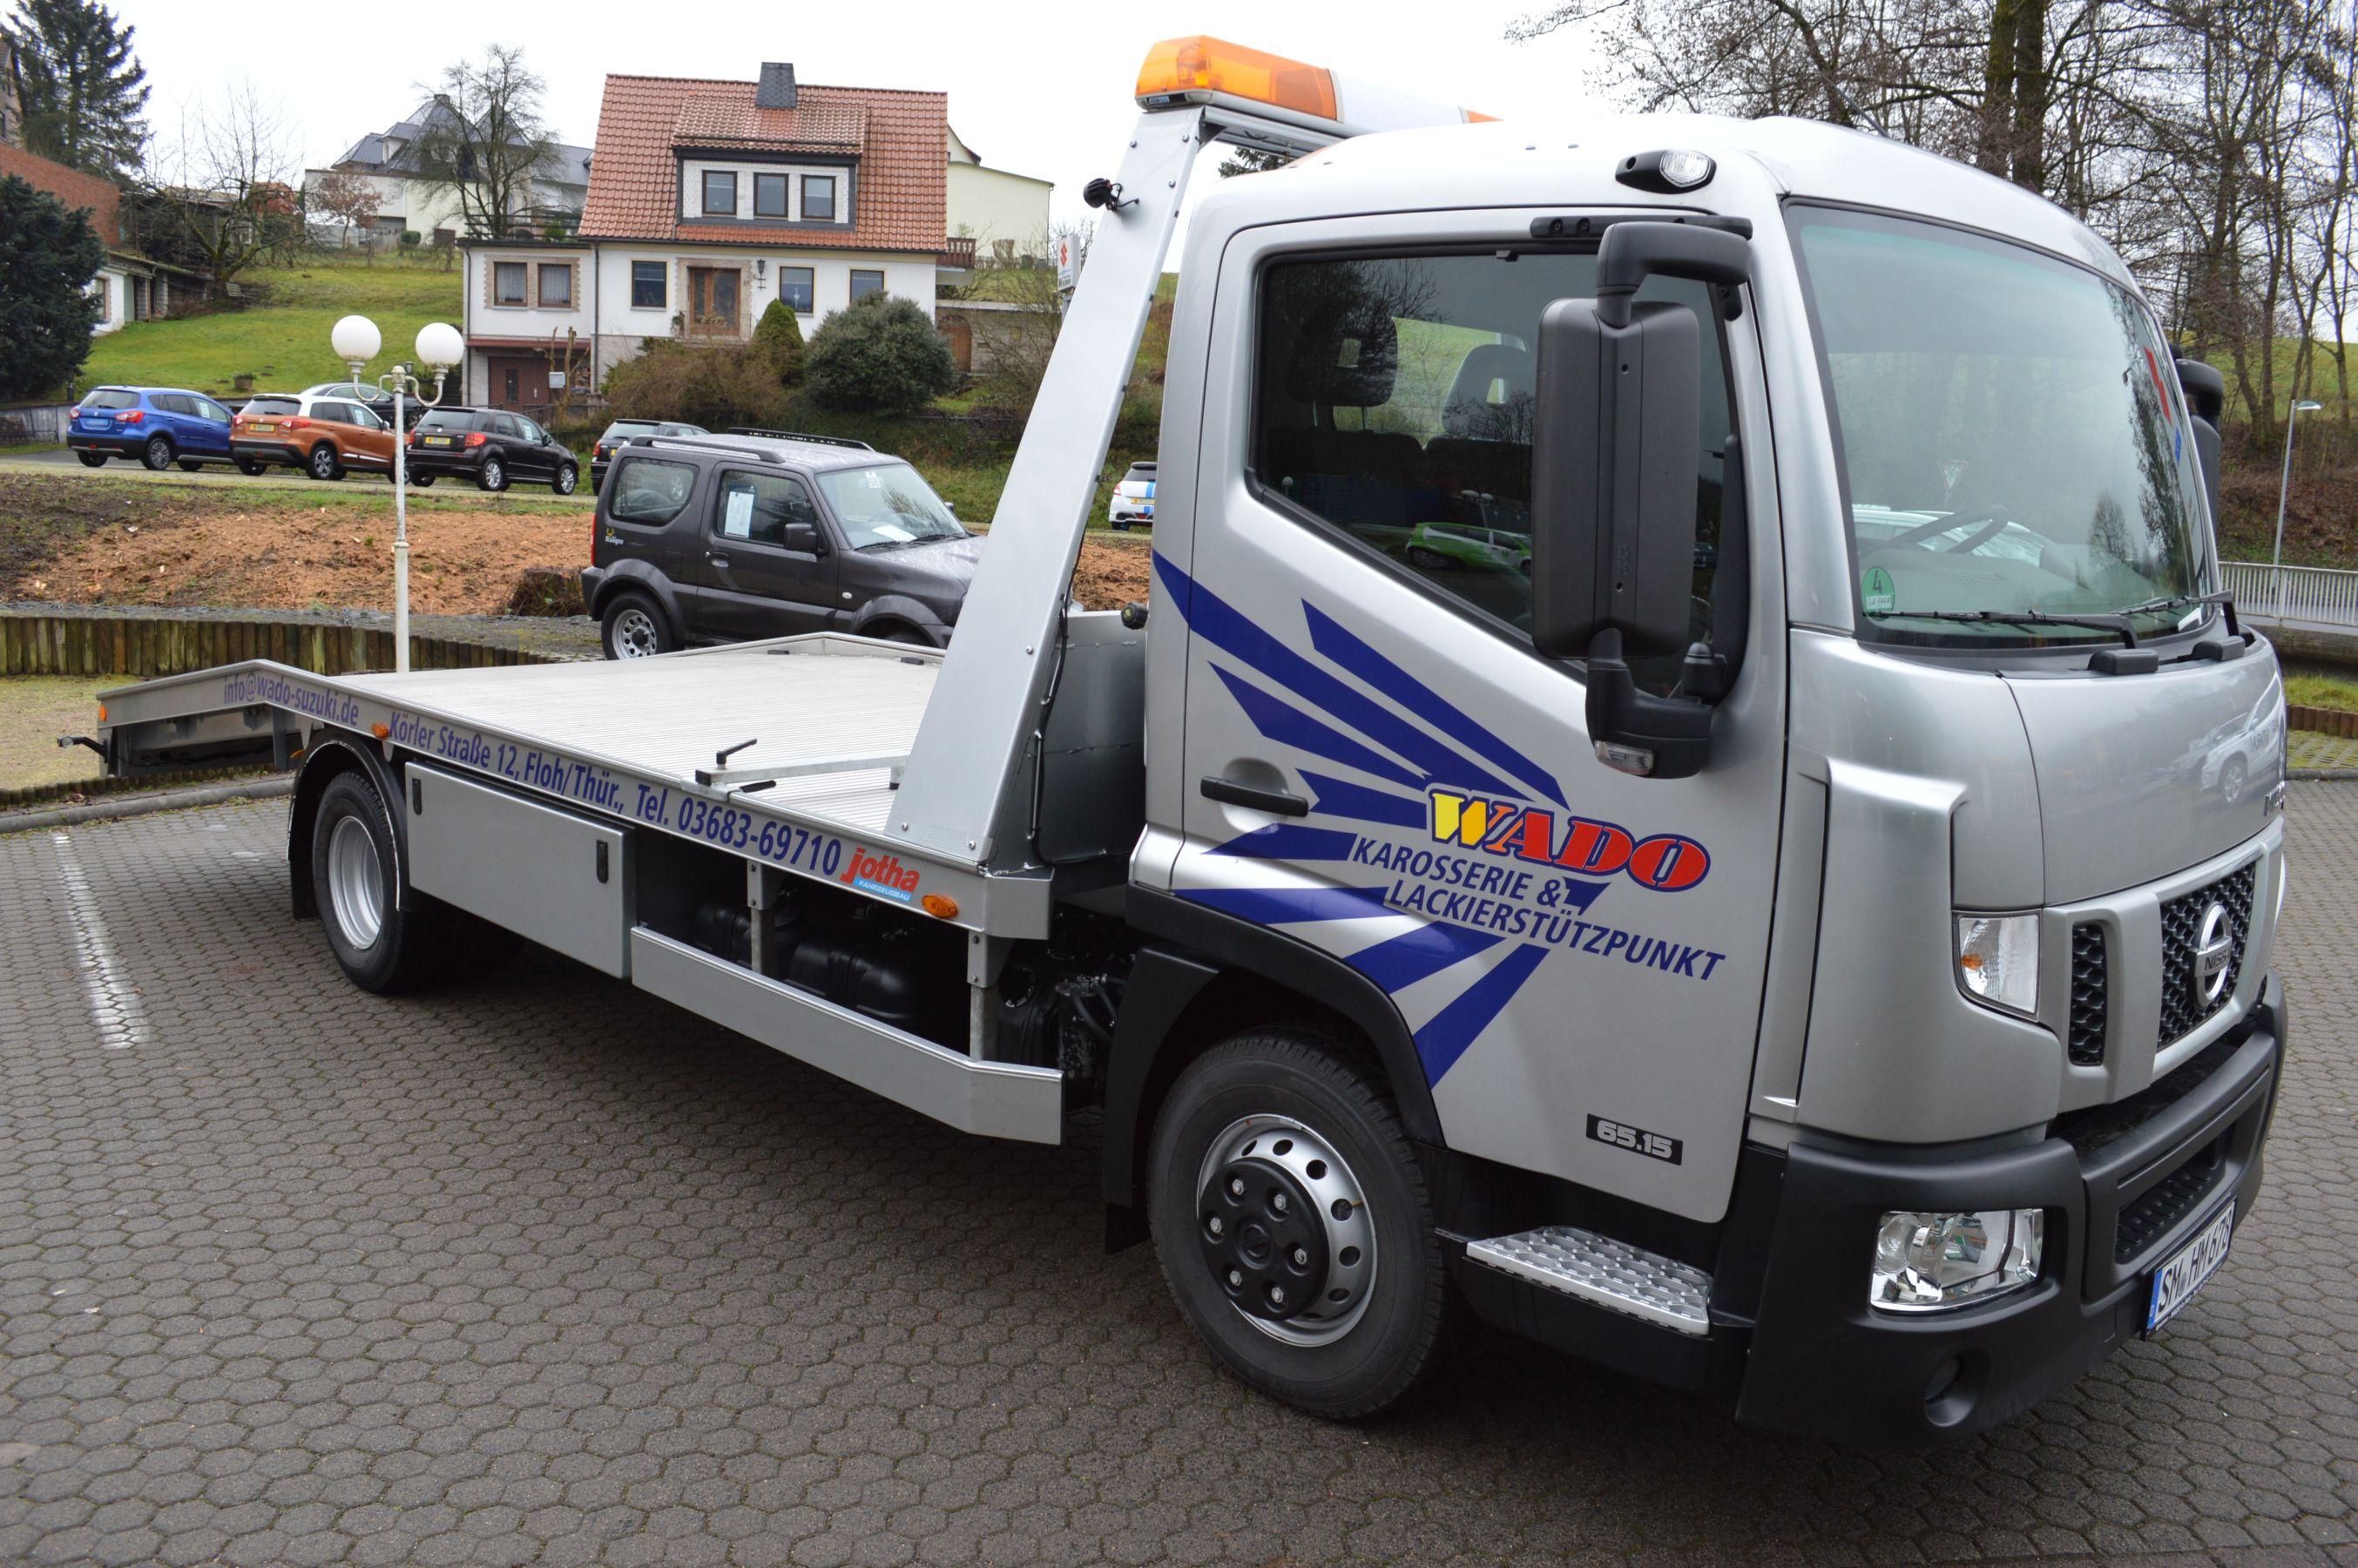 WADO-Autoservice-Floh GmbH & Co.KG